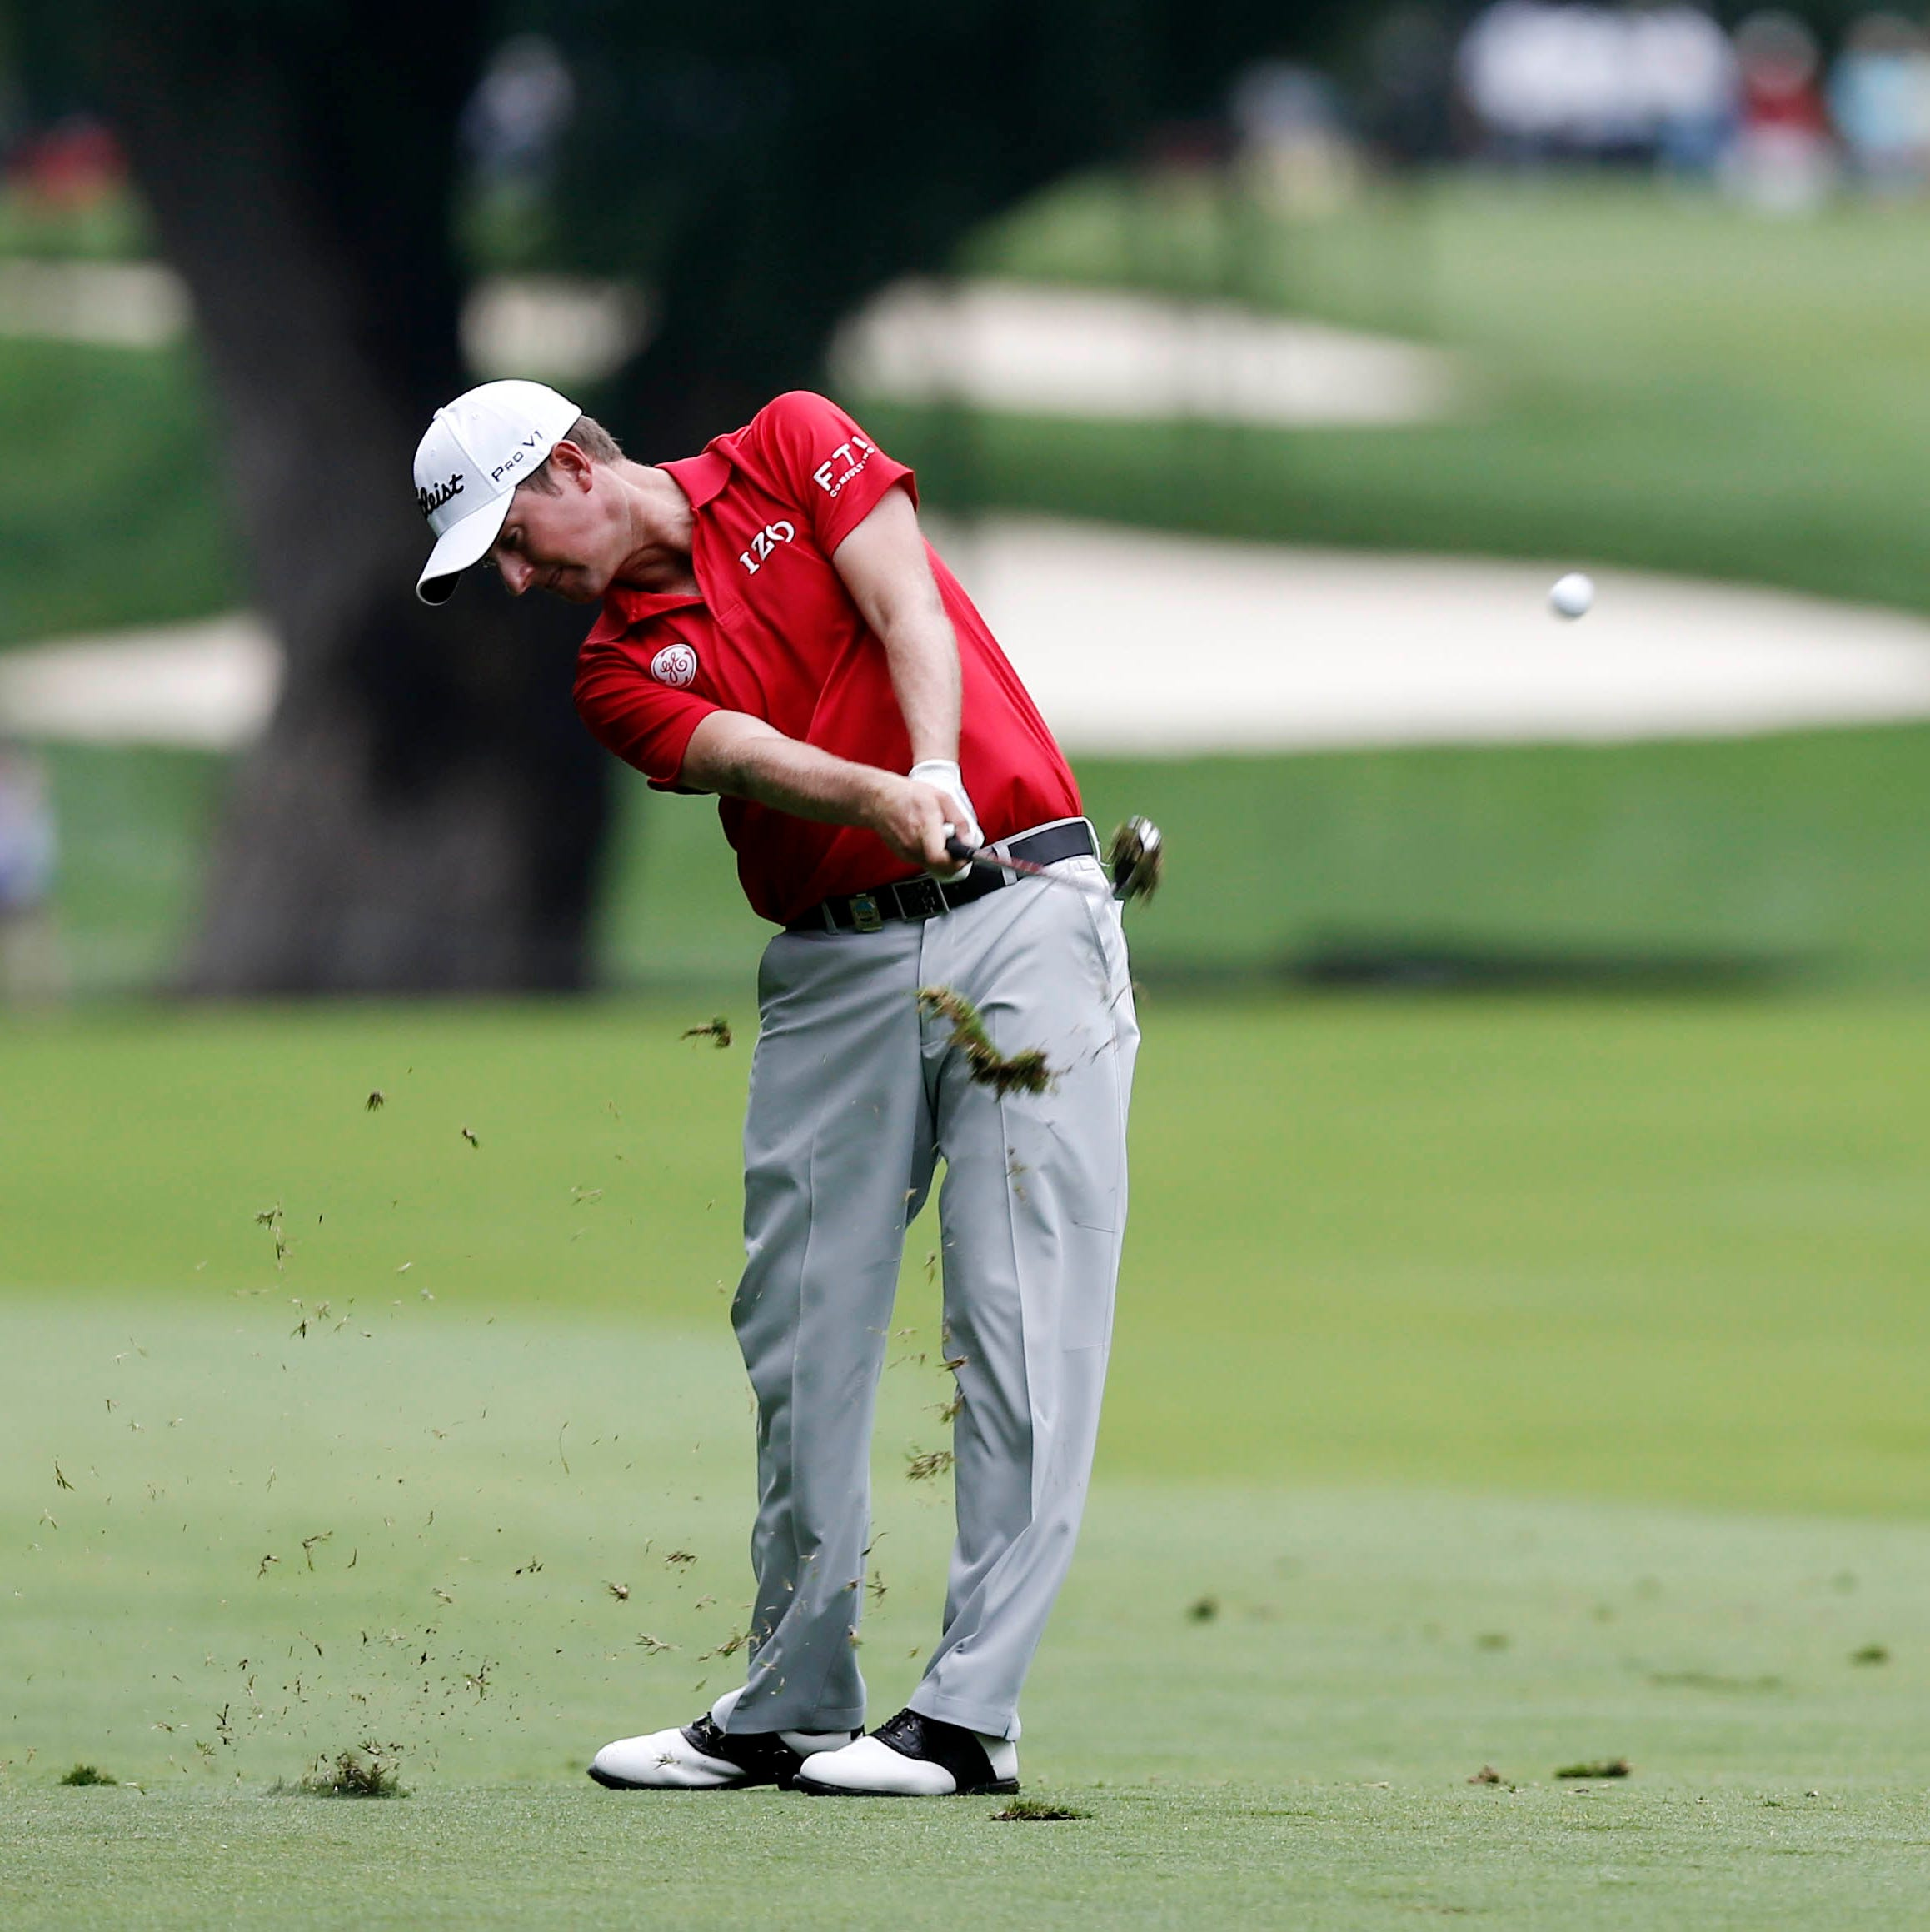 Friday at the 2013 PGA Championship